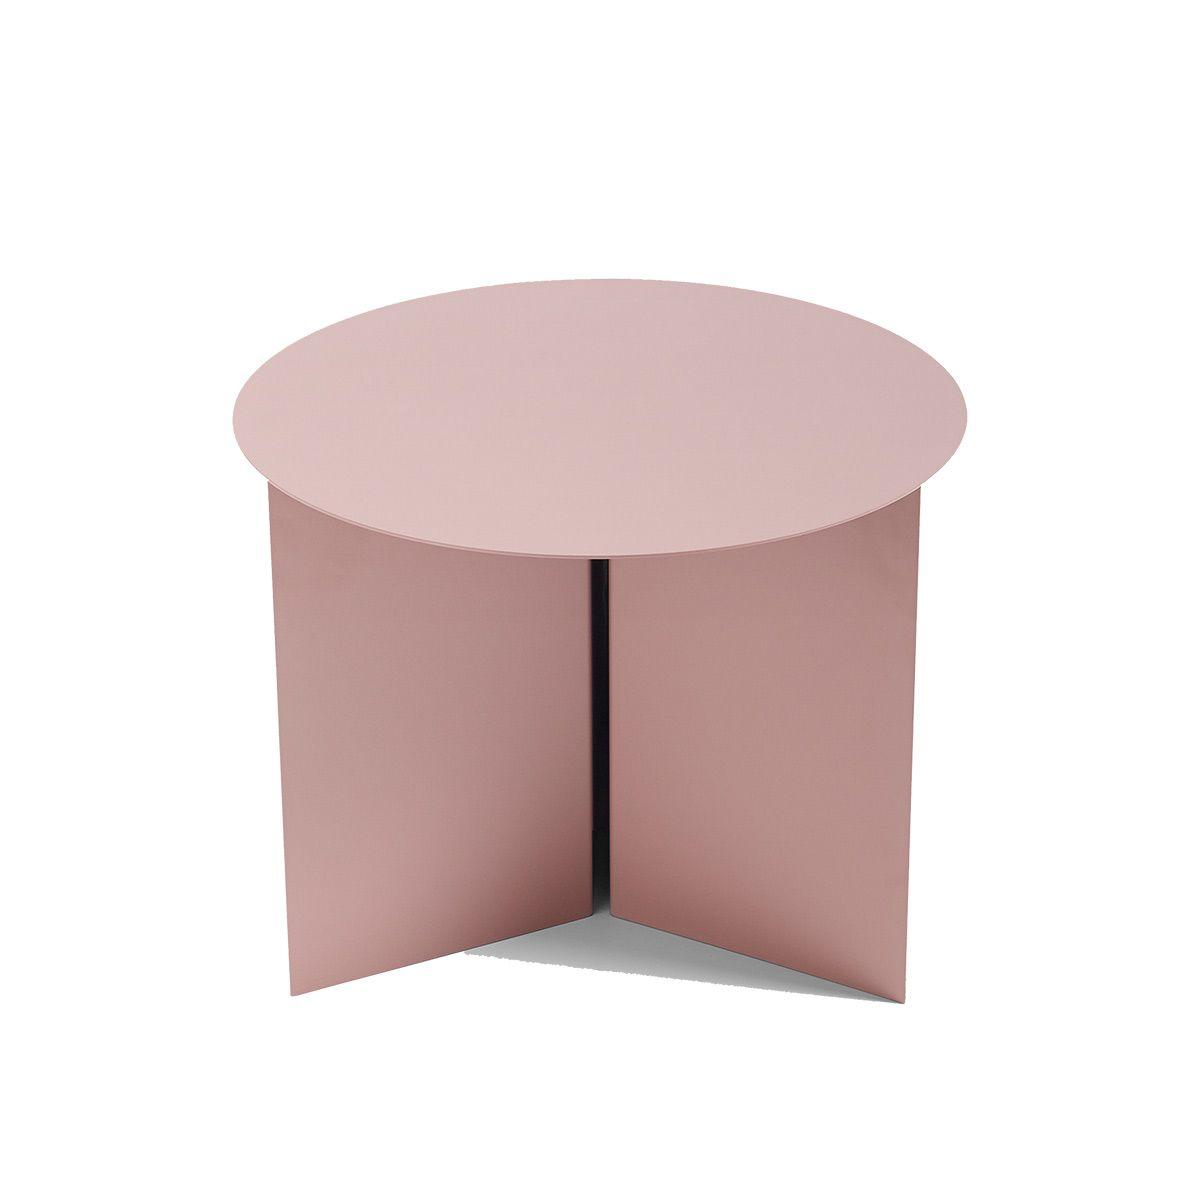 Hay Beistelltisch hay beistelltisch slit rosa couchtisch